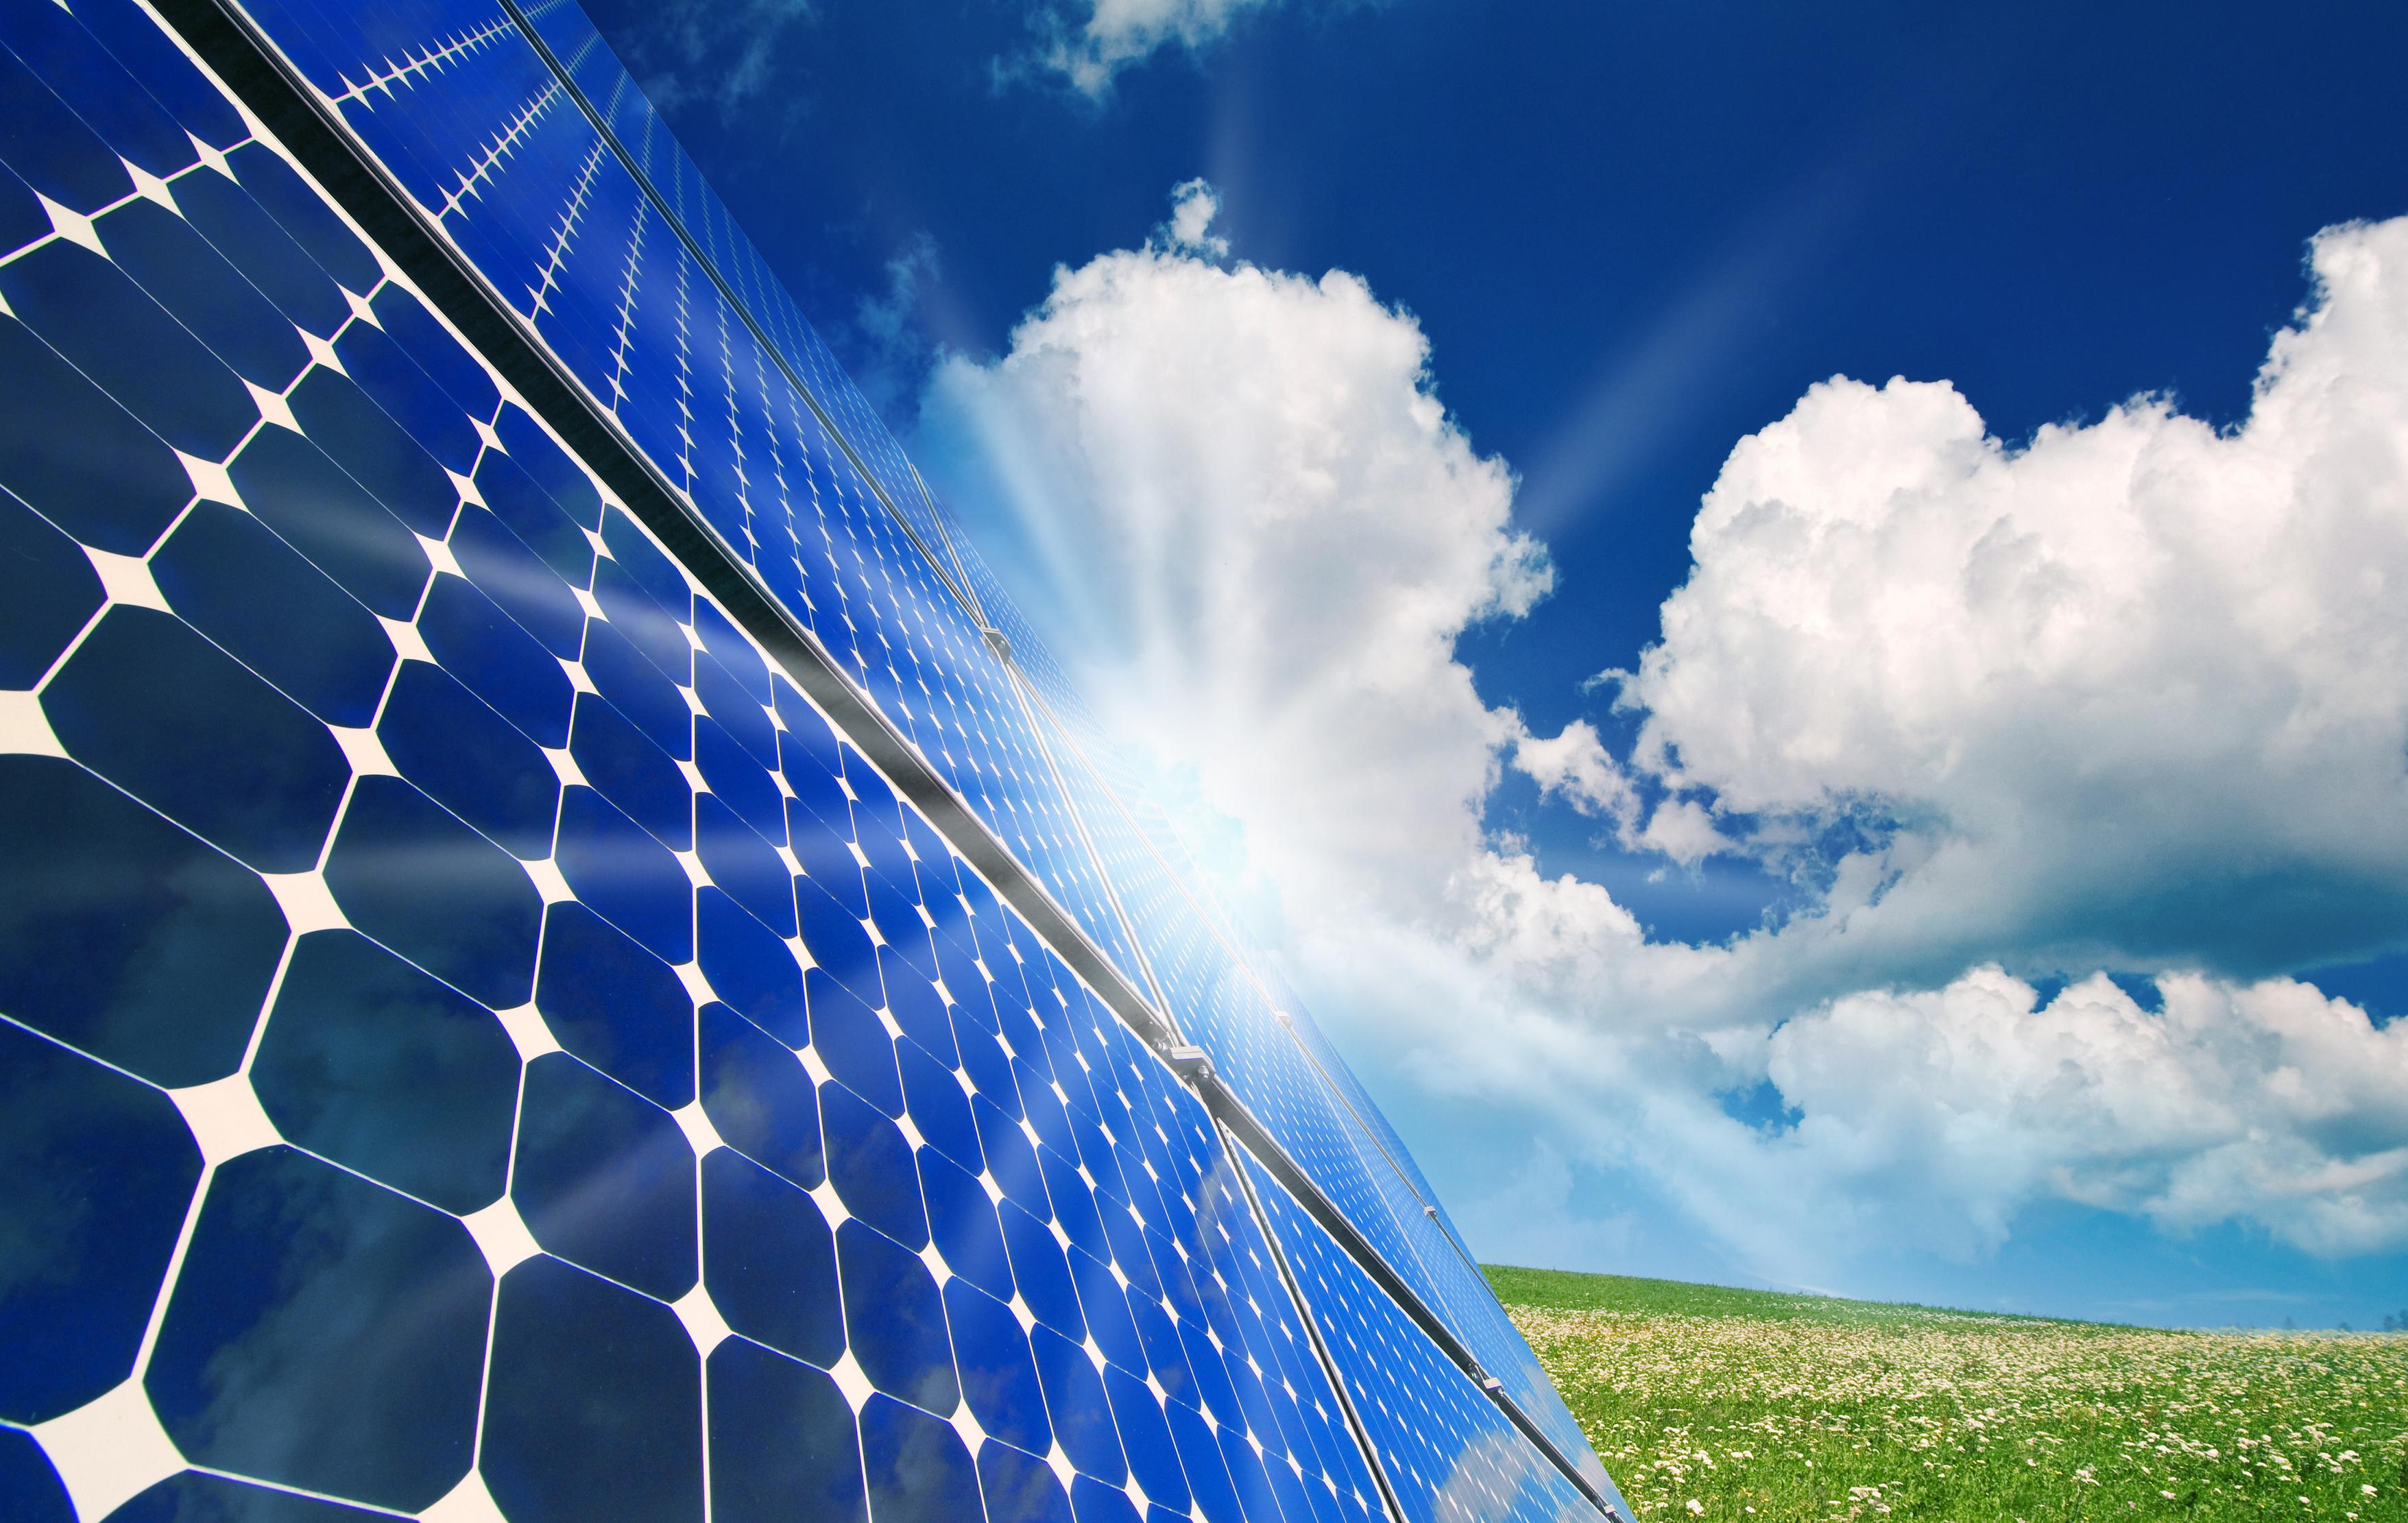 حل مشكلة الكهرباء في اليمن، الطاقة الشمسية